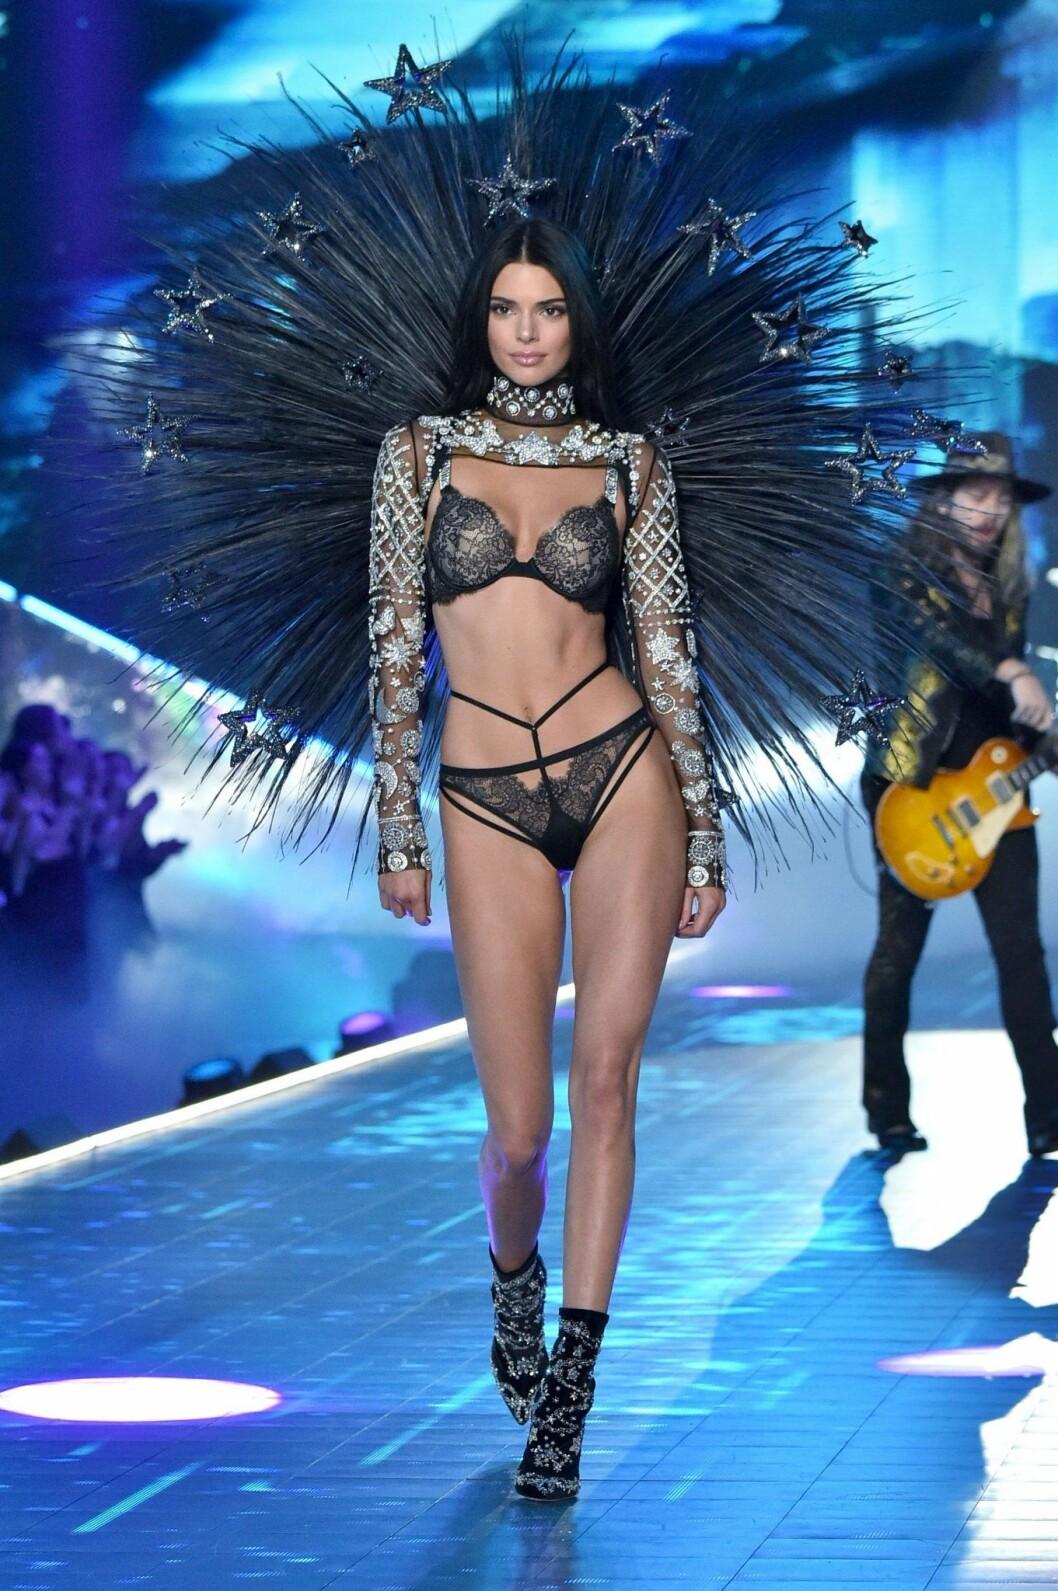 Kendall Jenner går på en catwalk iklädd svarta underkläder och stora svarta vingar på ryggen